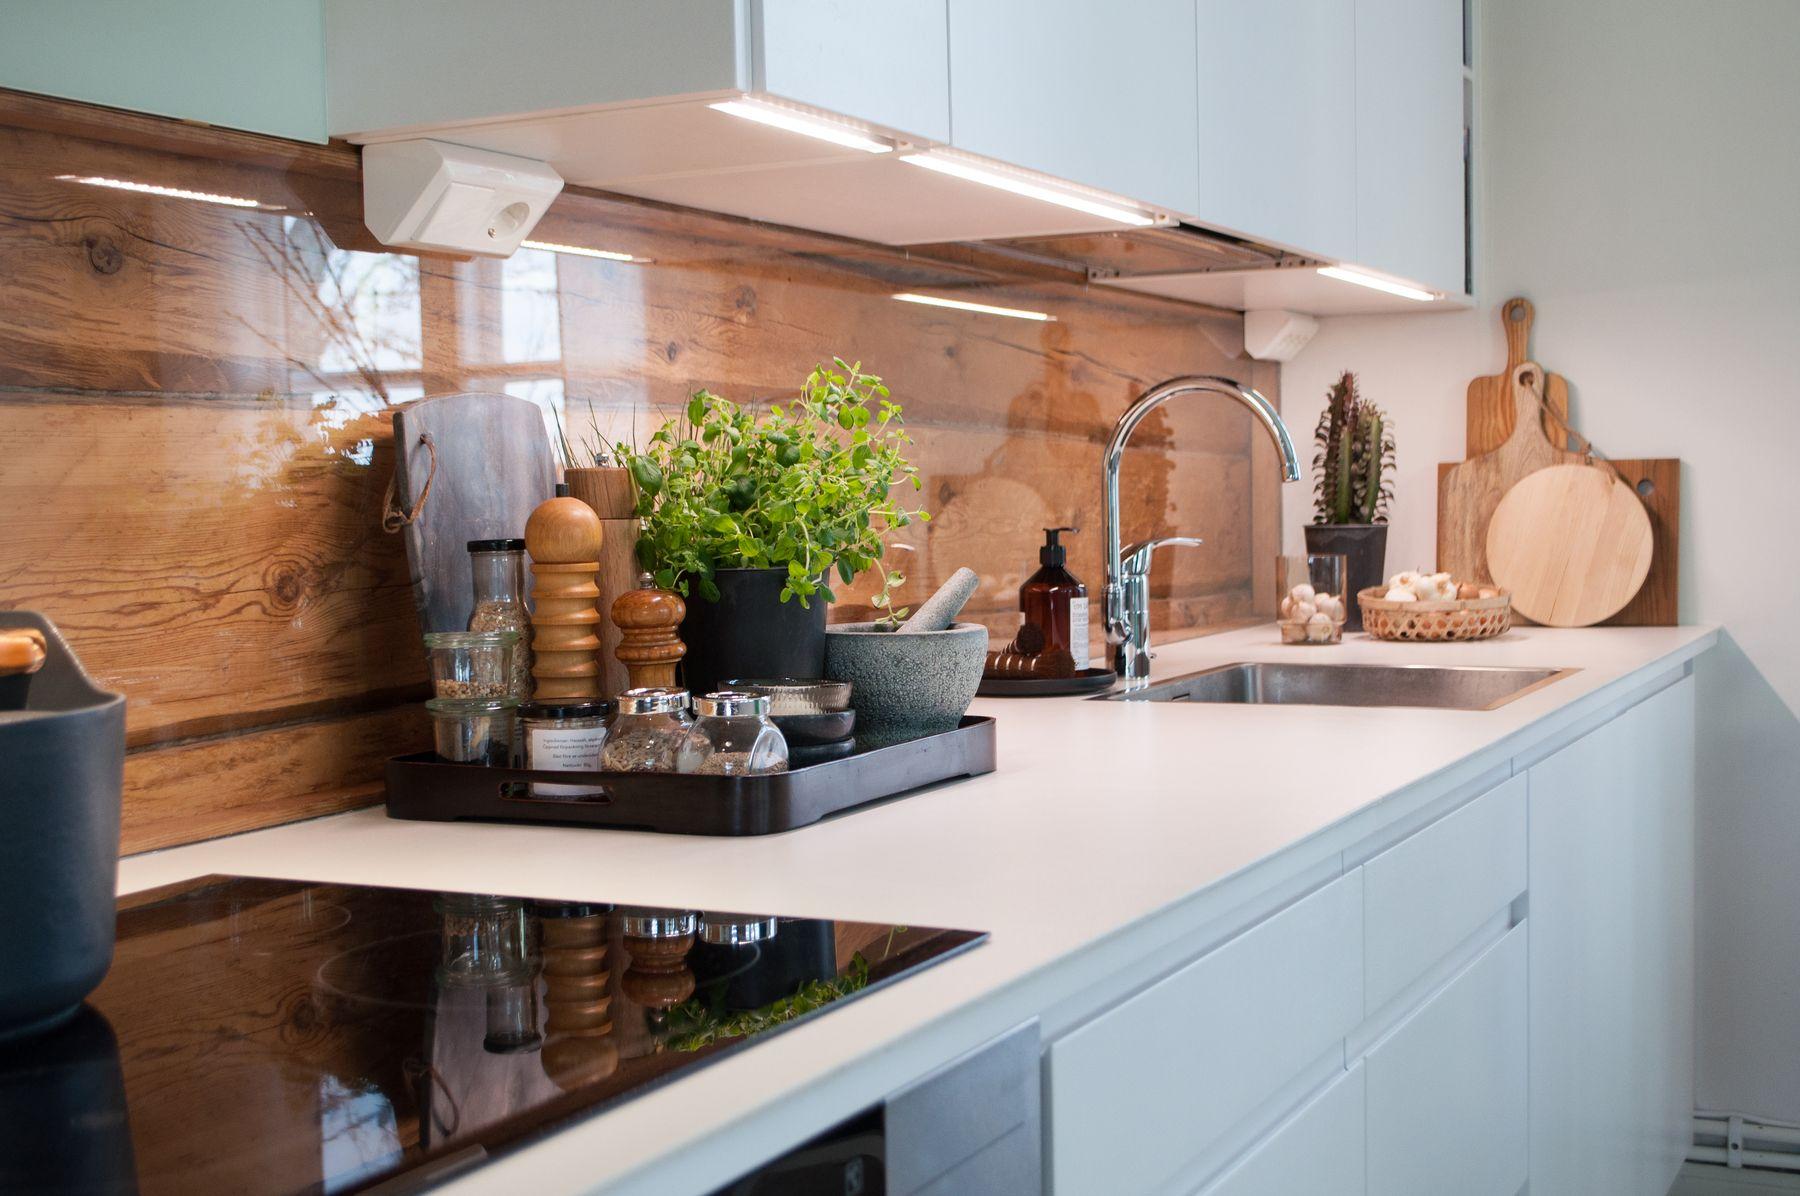 Vad skall man välja till mellandelsutrymmet i köket?   puustelli ...